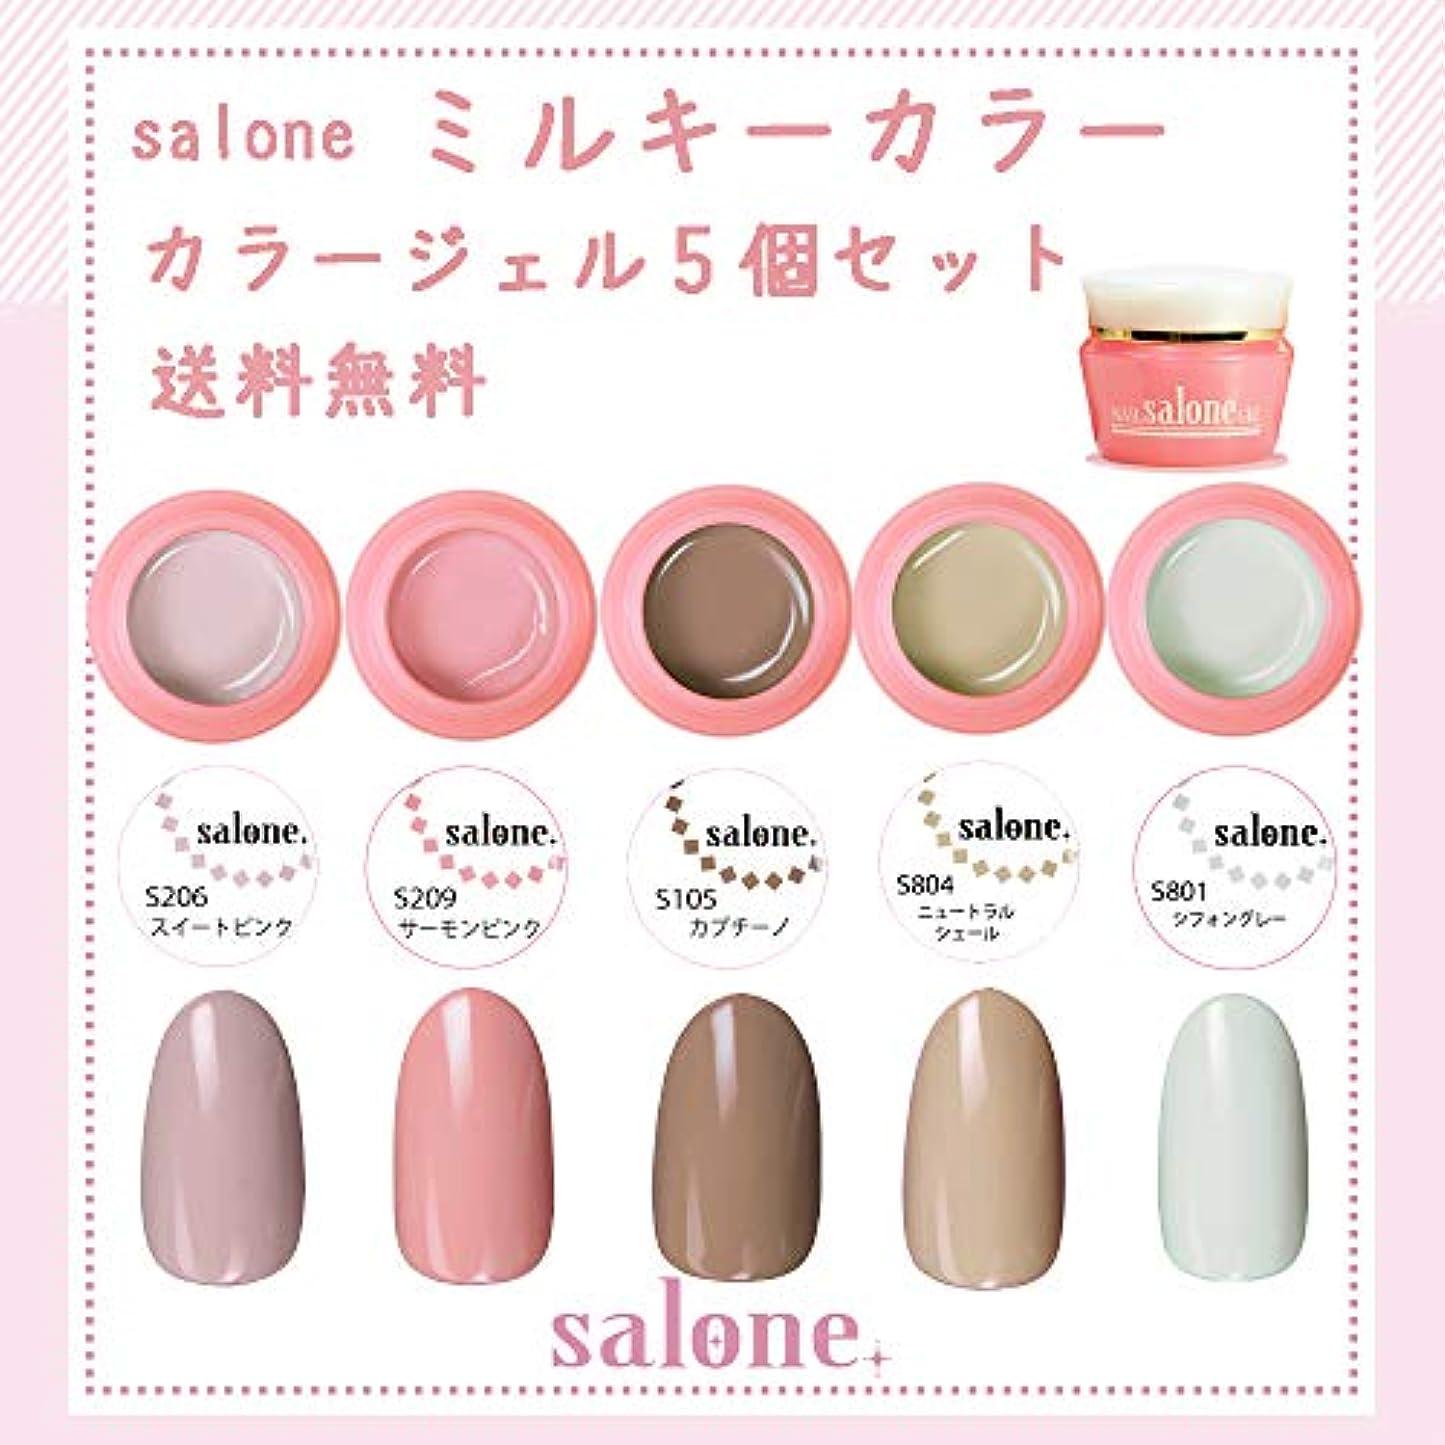 可能性出版大佐【送料無料 日本製】Salone ミルキーカラージェル5個セット 暖かく大人可愛いトレンドカラー